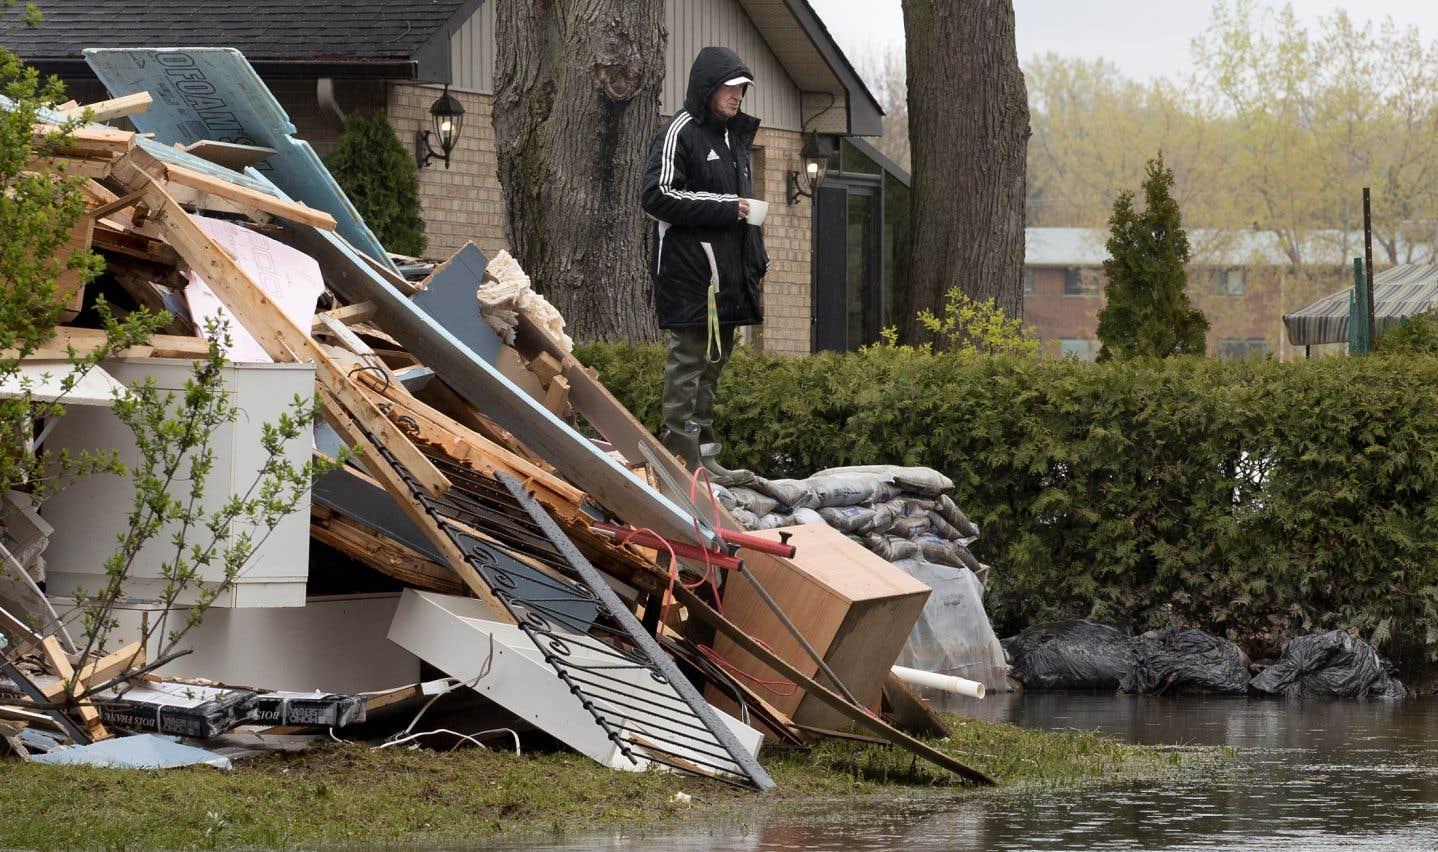 Des leçons à tirer des inondations du printemps 2017